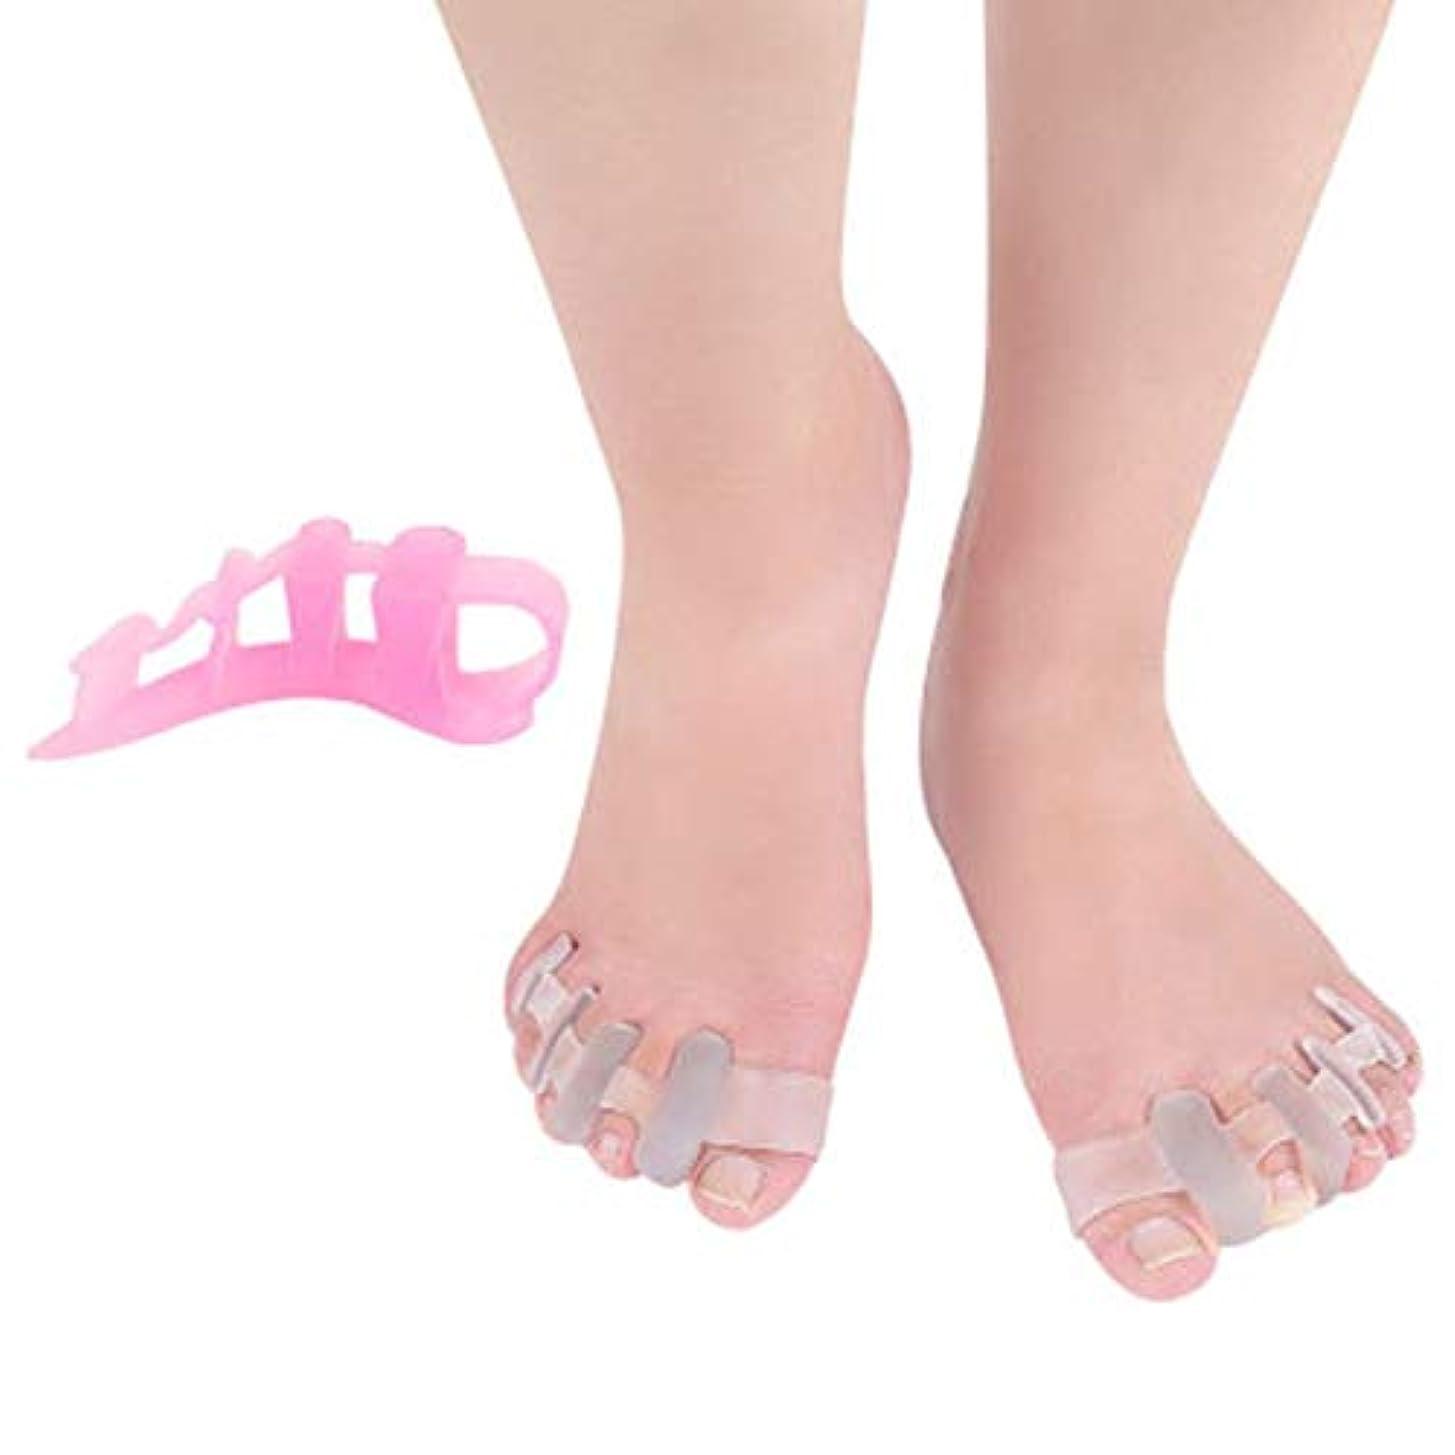 予測世界の窓歩き回るMagRing Gel Toe Separator Toe Bunion Hallux Valgus Toe Stretchers for Men and Womenすぐに痛みを軽減イージーウェアカラー:透明